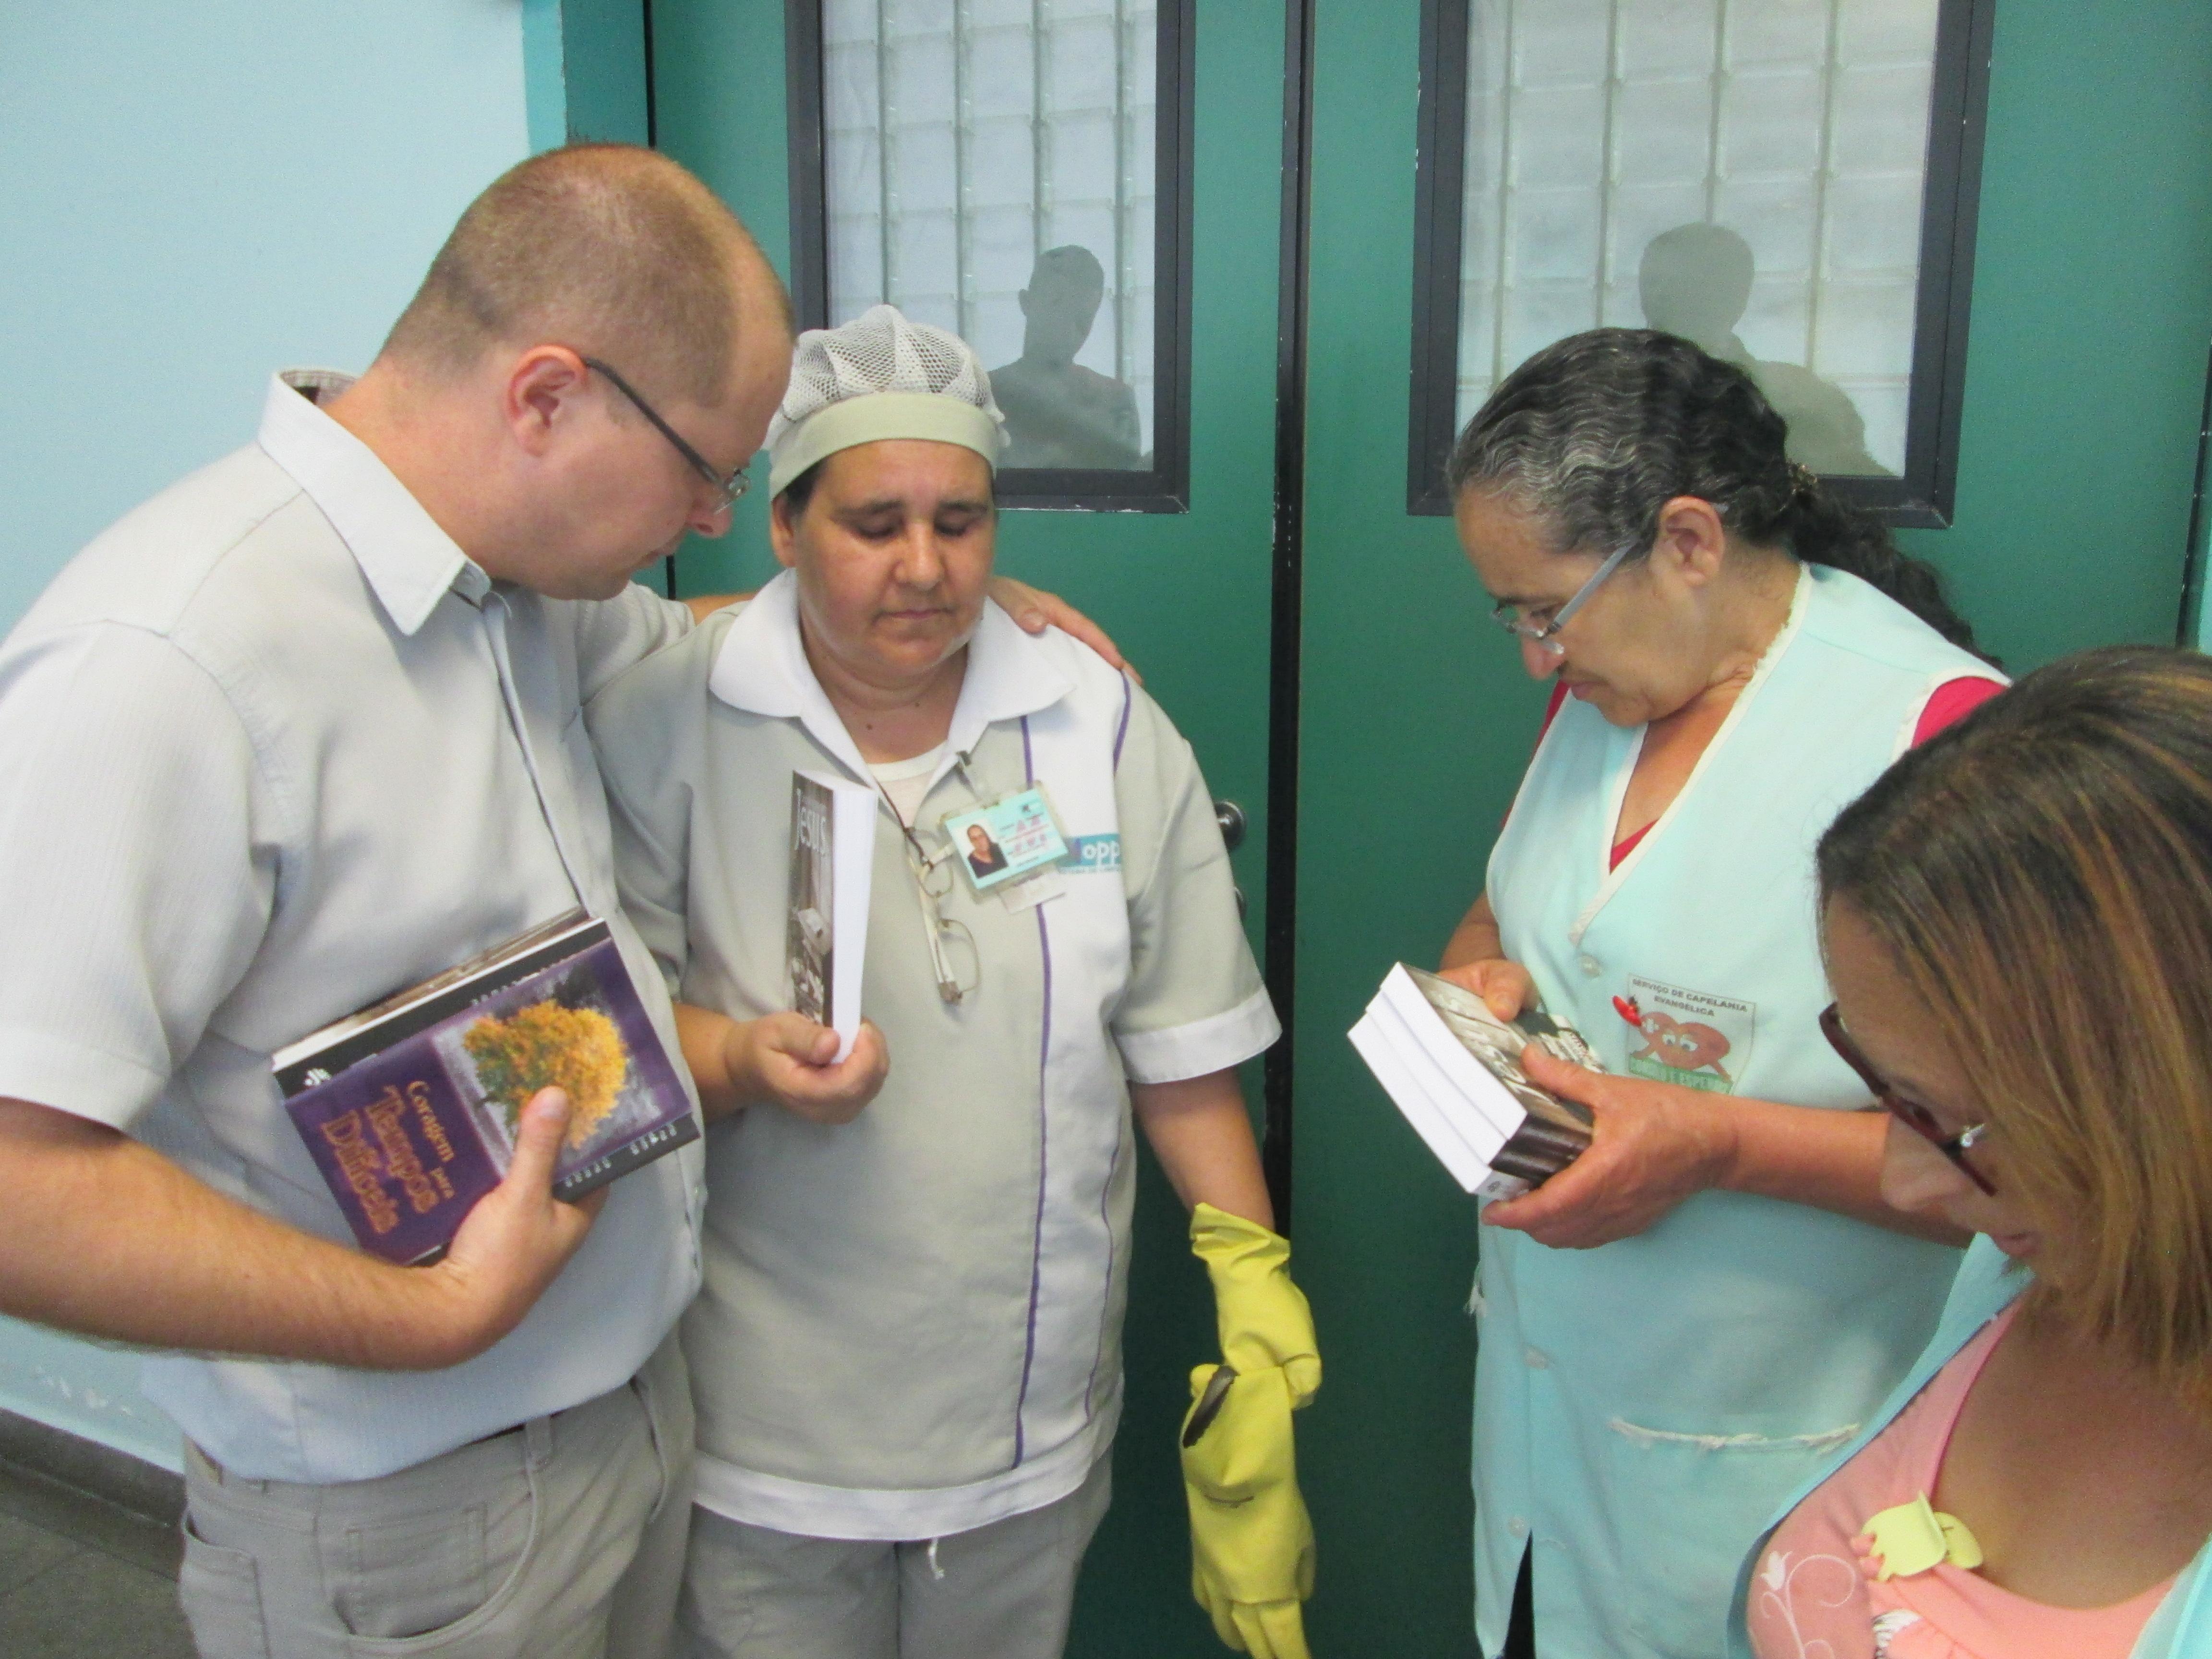 Pastor André orando com alguns funcionários.